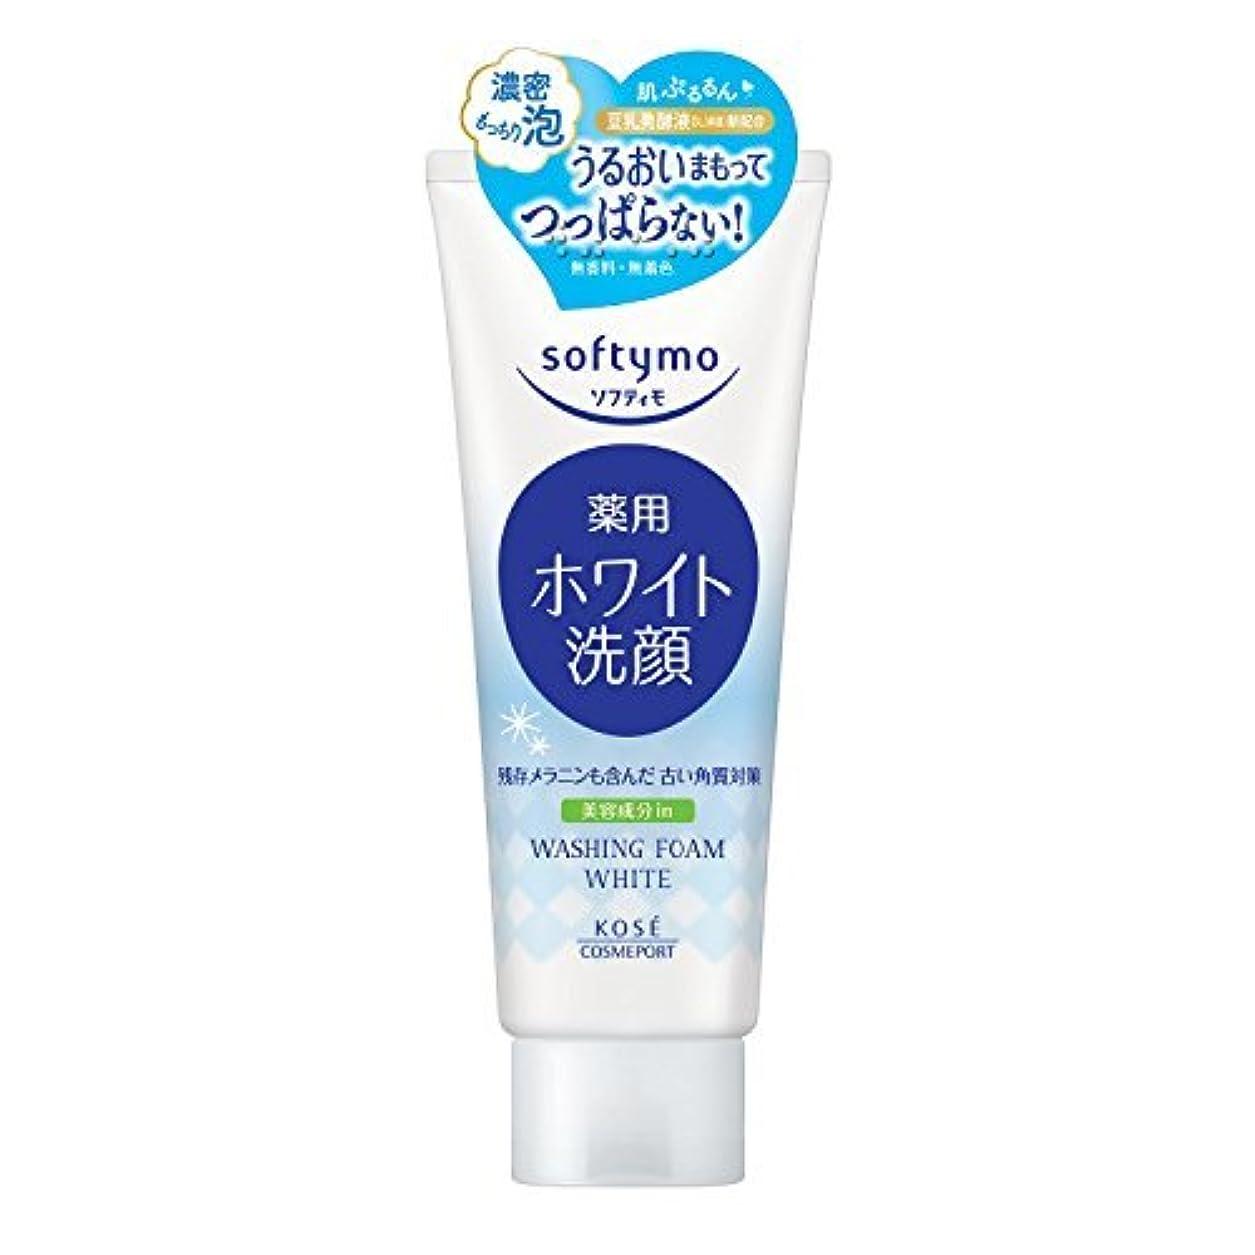 経過出席きゅうりKOSE コーセー ソフティモ ホワイト 薬用洗顔フォーム 150g (医薬部外品)